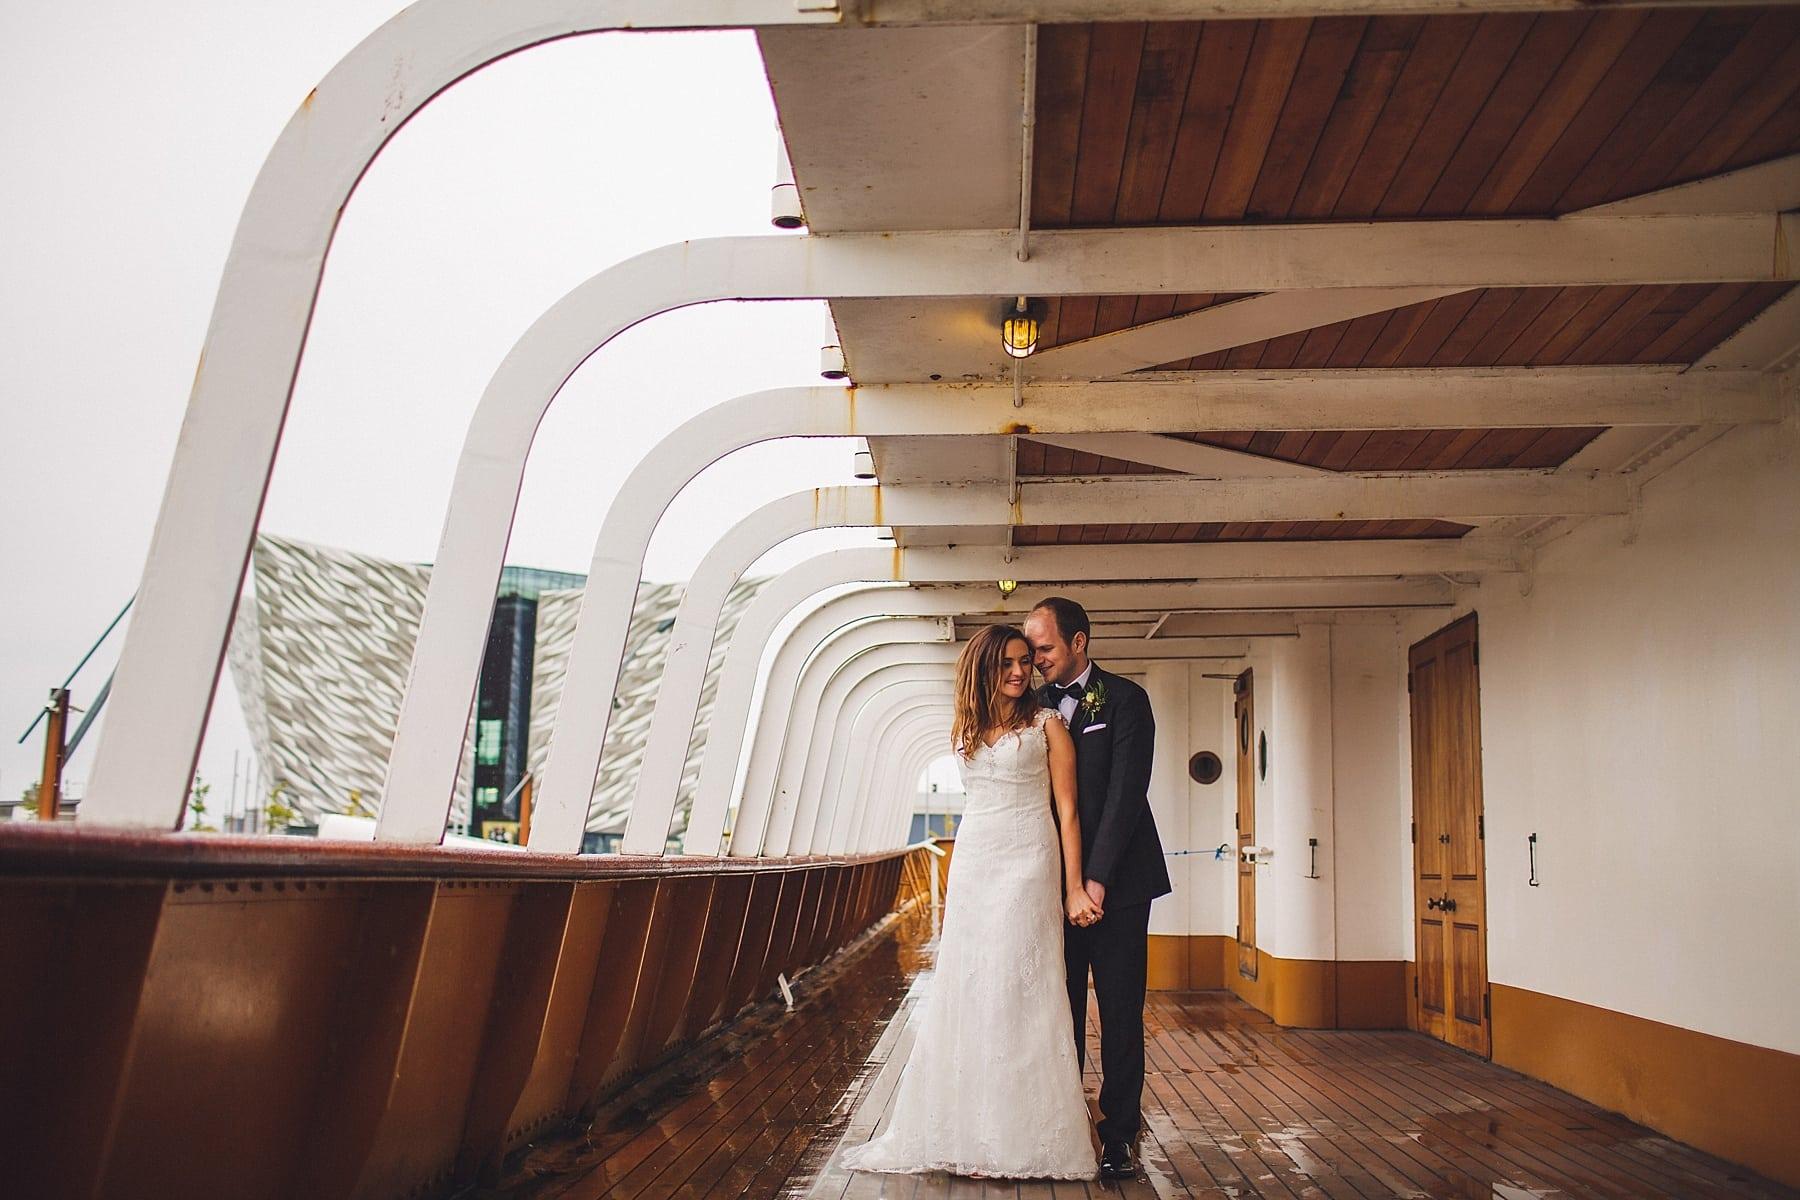 SS nomadic wedding photography,belfast wedding photographer,real wedding,all aboard,nautical themed wedding,